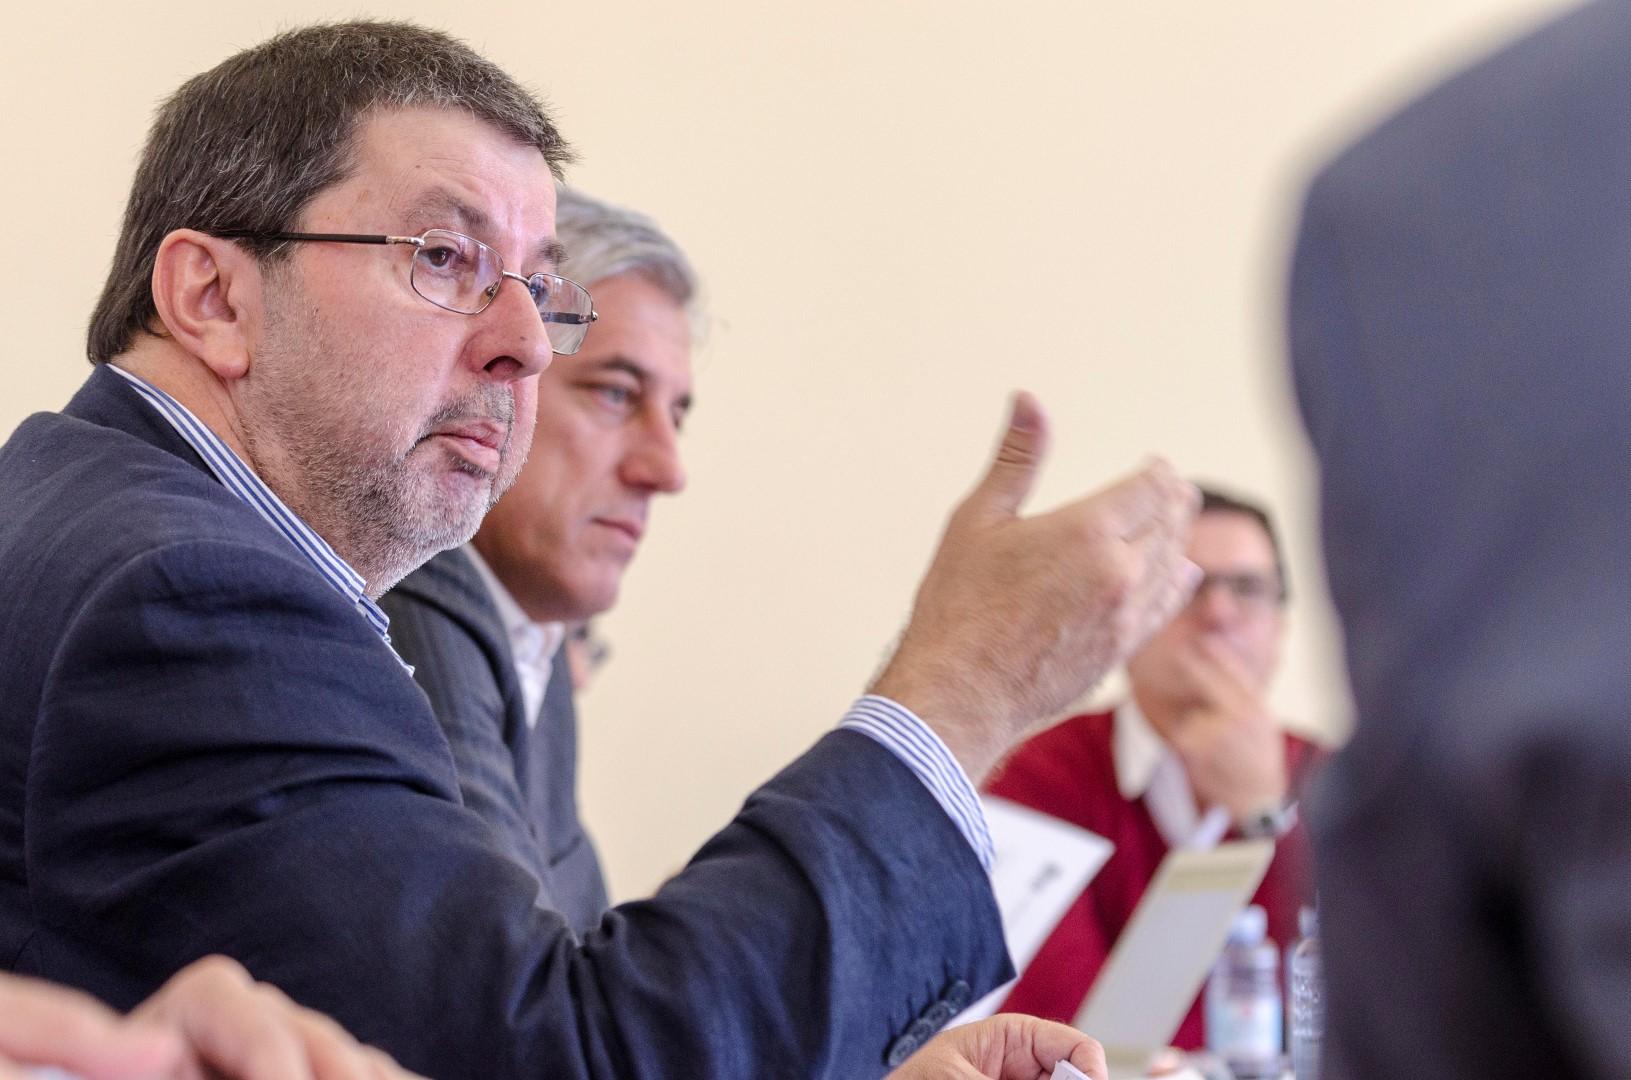 PSD/Açores quer políticas ativas para criação de emprego